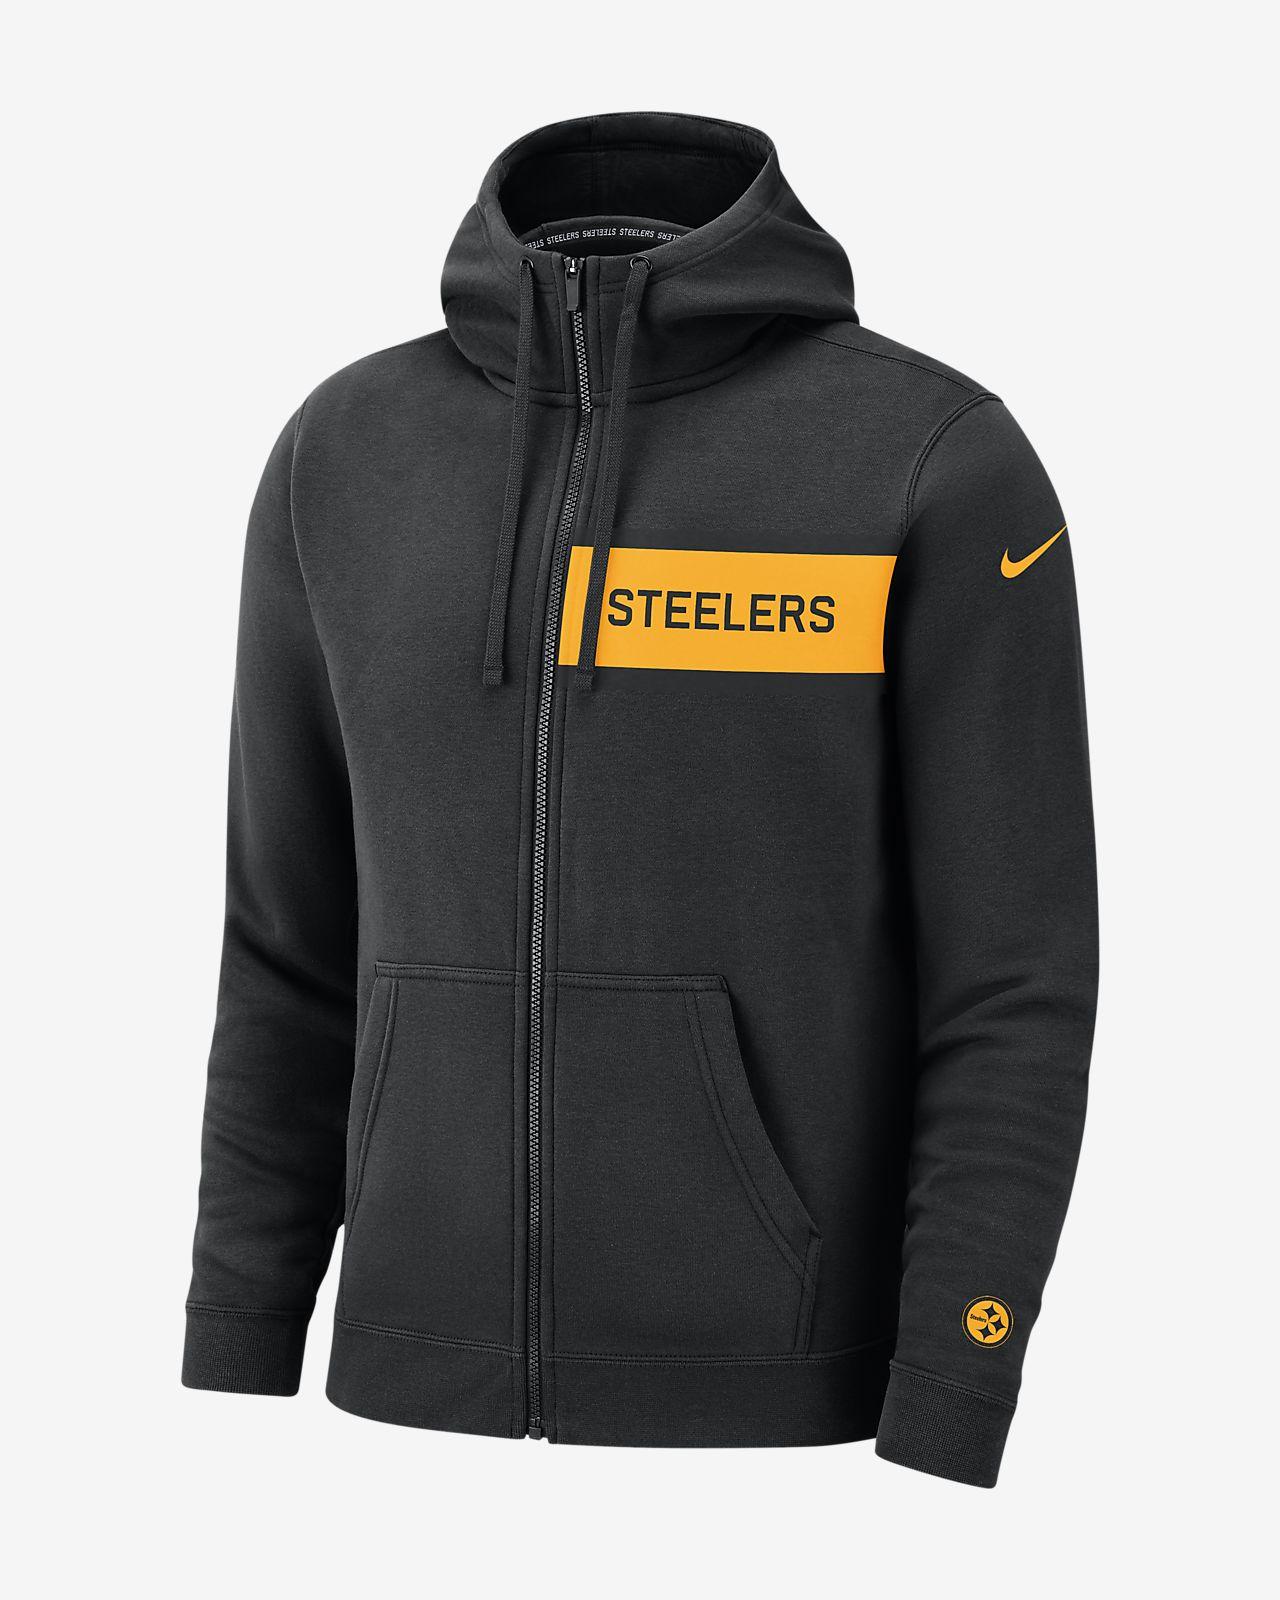 ef1599bf1f47 Nike (NFL Steelers) Men s Club Fleece Full-Zip Hoodie. Nike.com AU